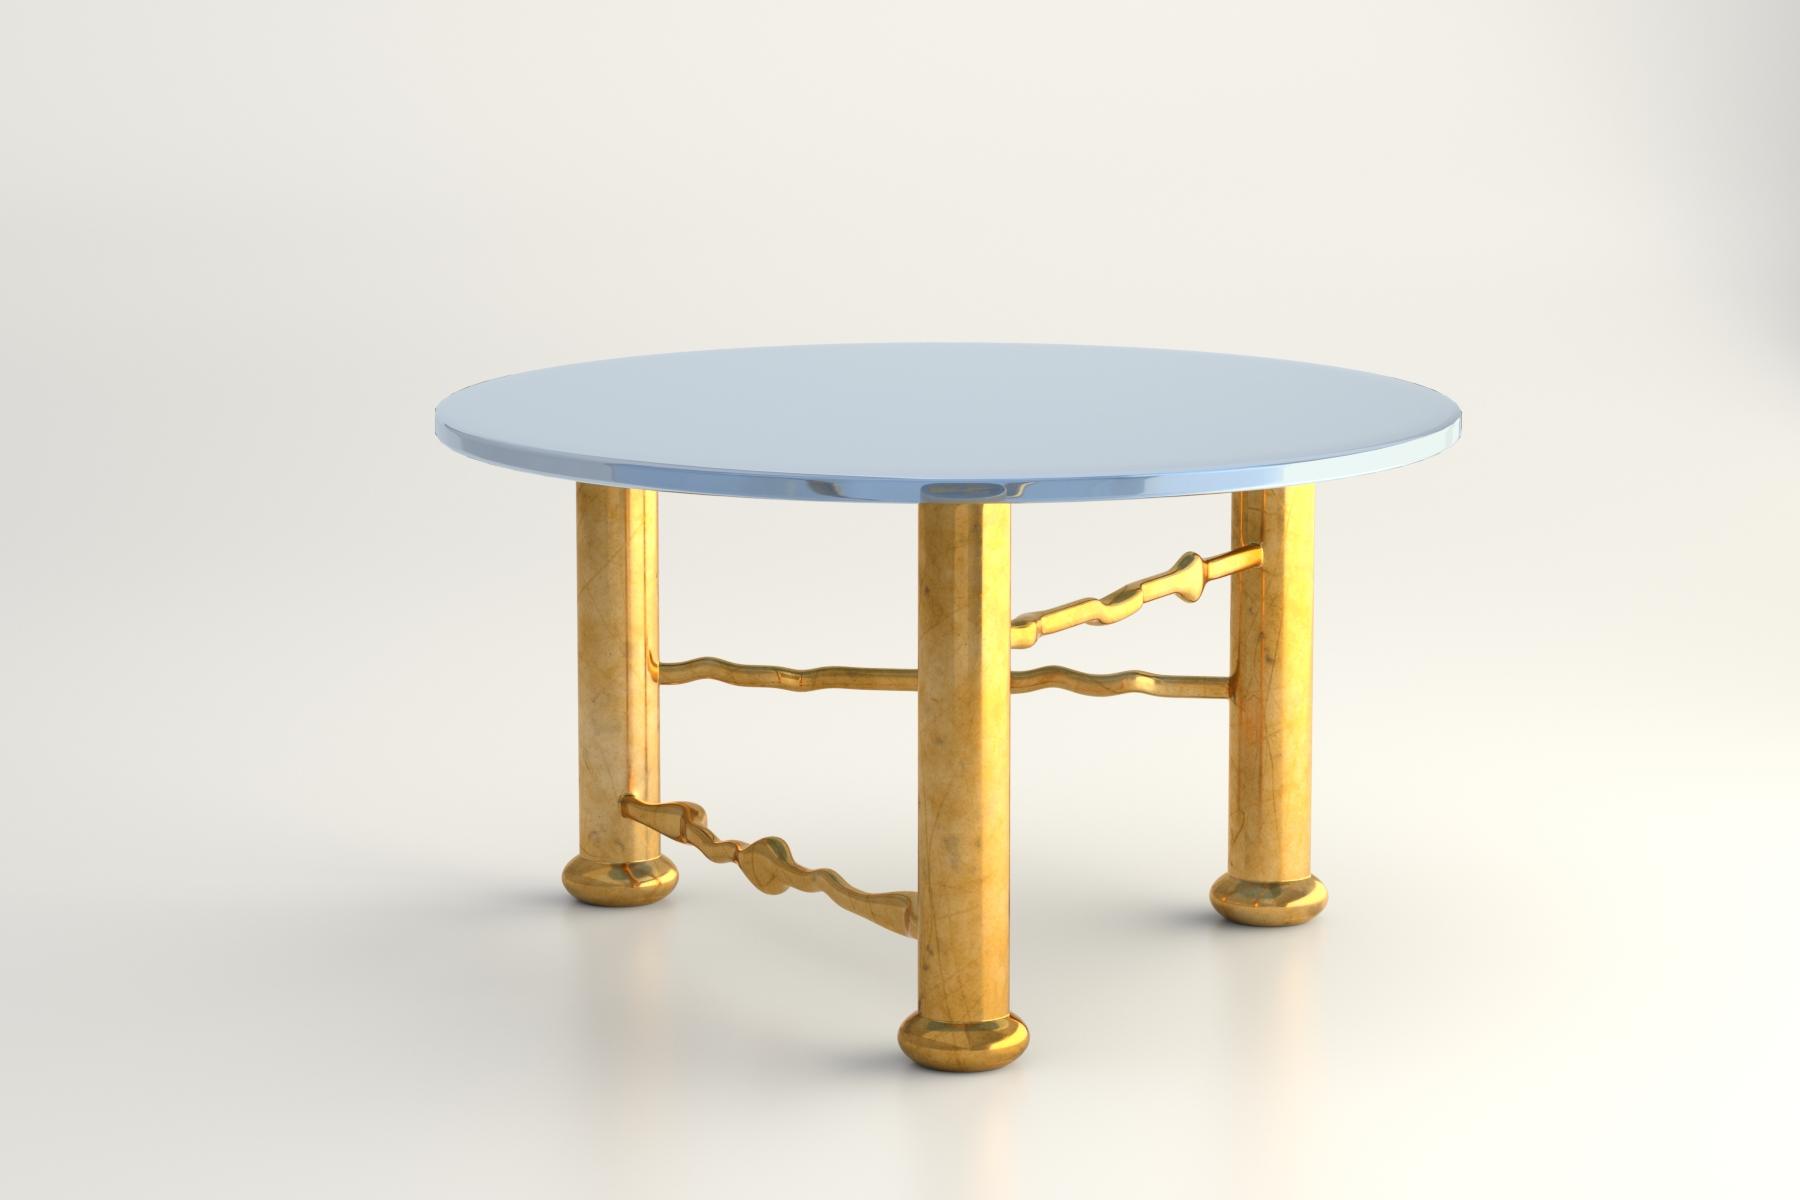 Table No. 93